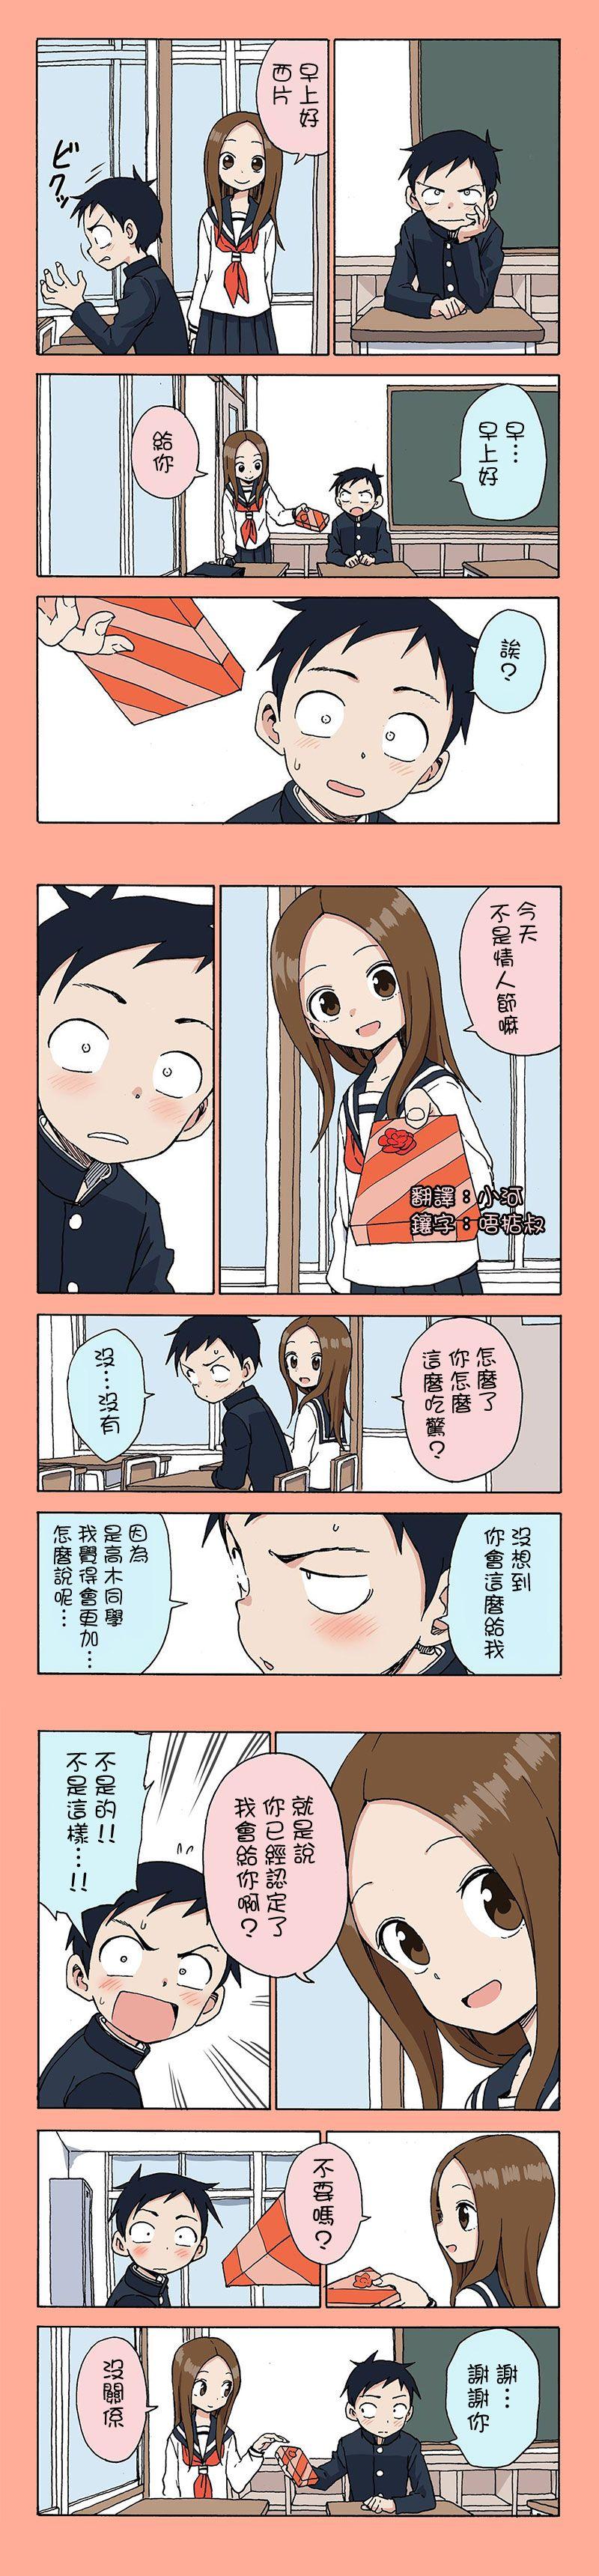 【漫画】『擅长捉弄的高木同学』情人节条漫